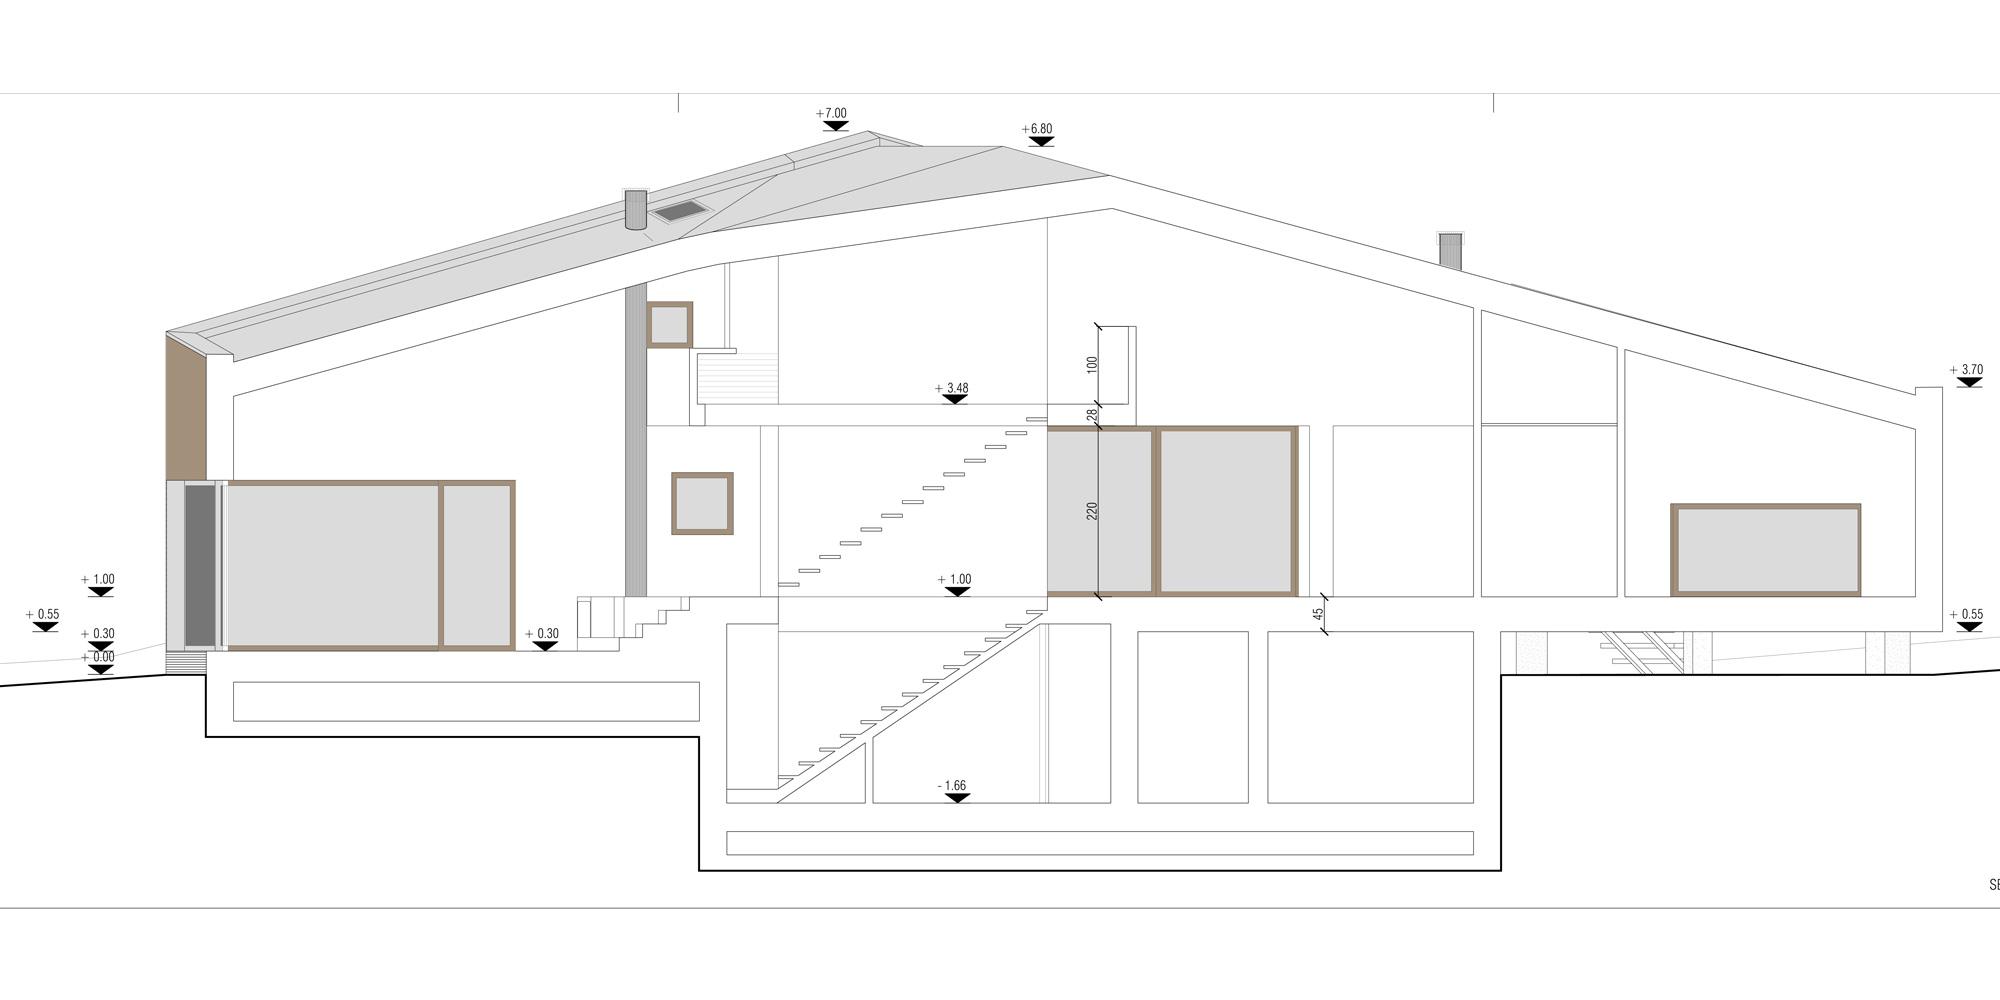 Sezione AA © ZDA Zanetti Design Architettura